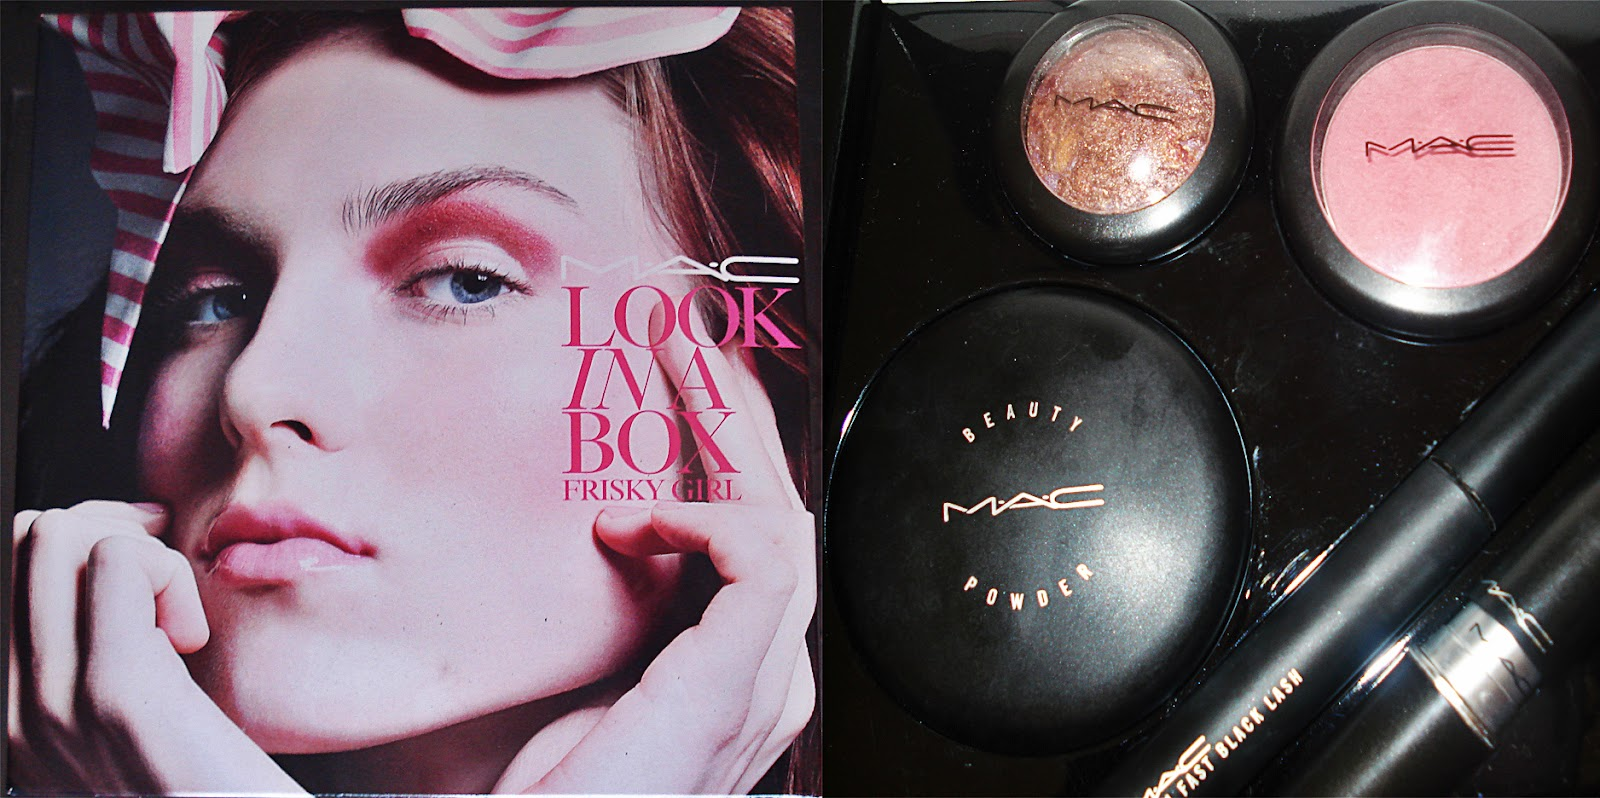 Mac makeup factory shop durban